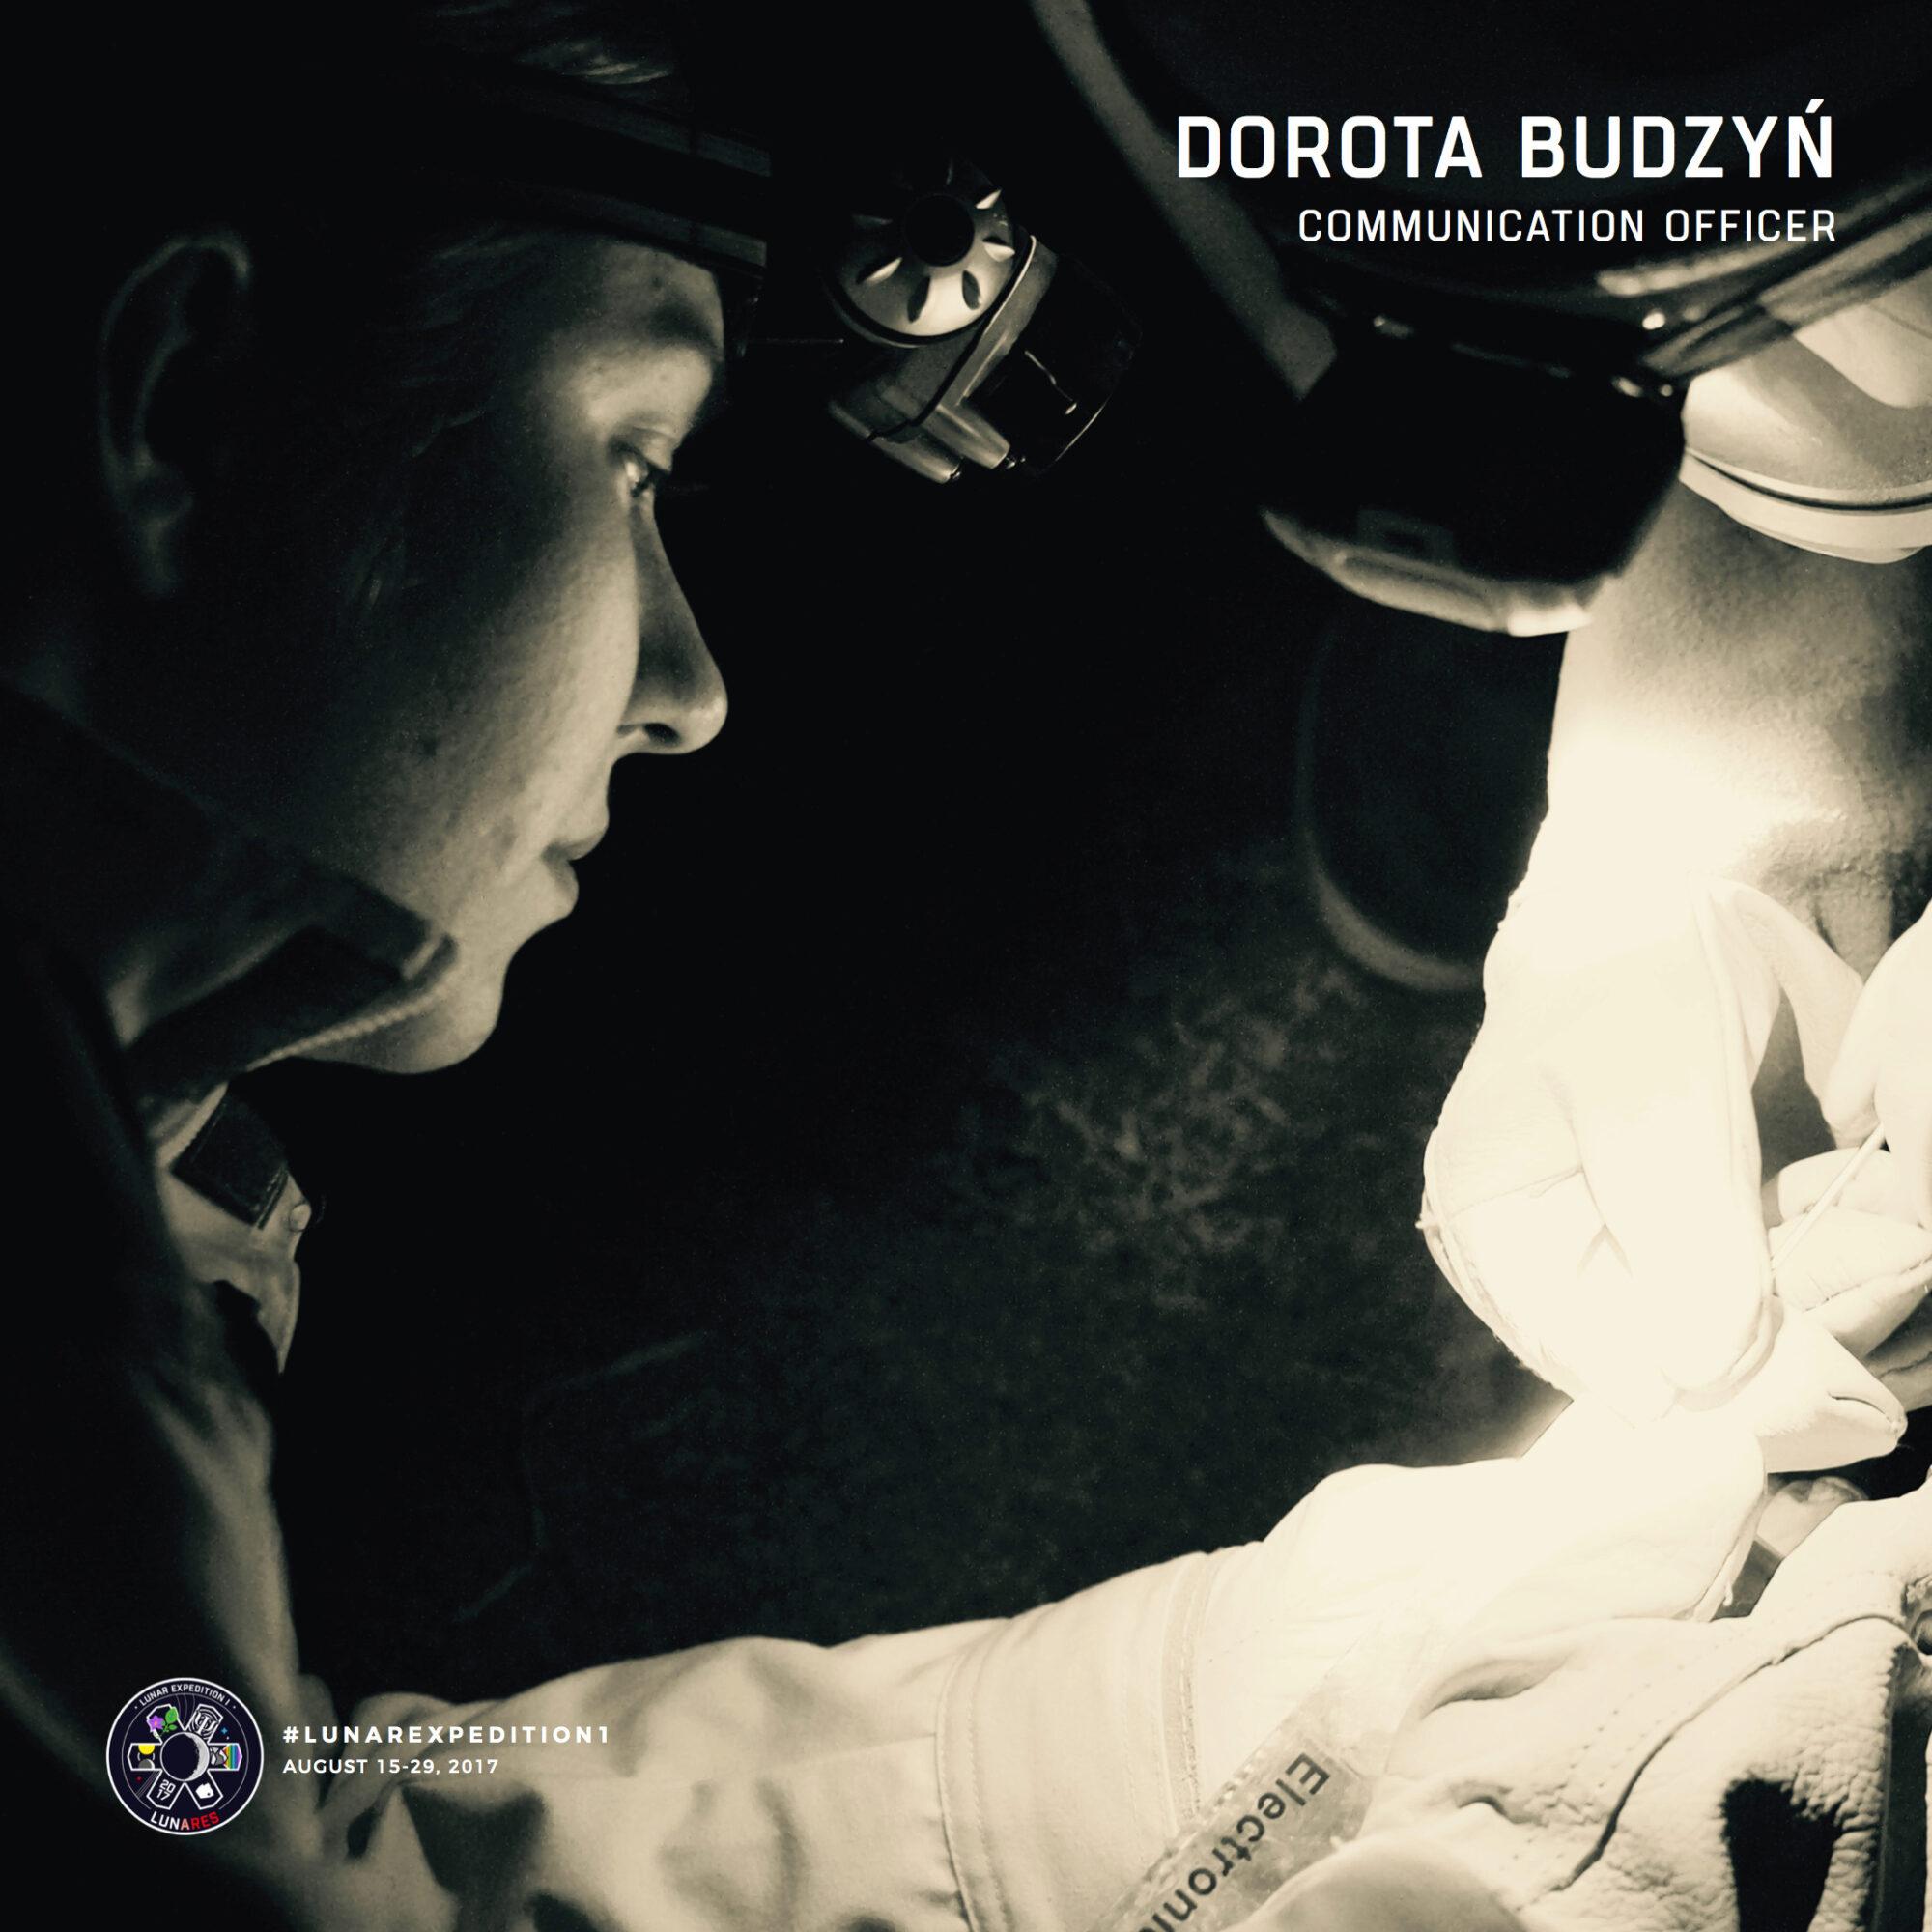 lunar-expedition-01/dbudzyn-profile.jpg